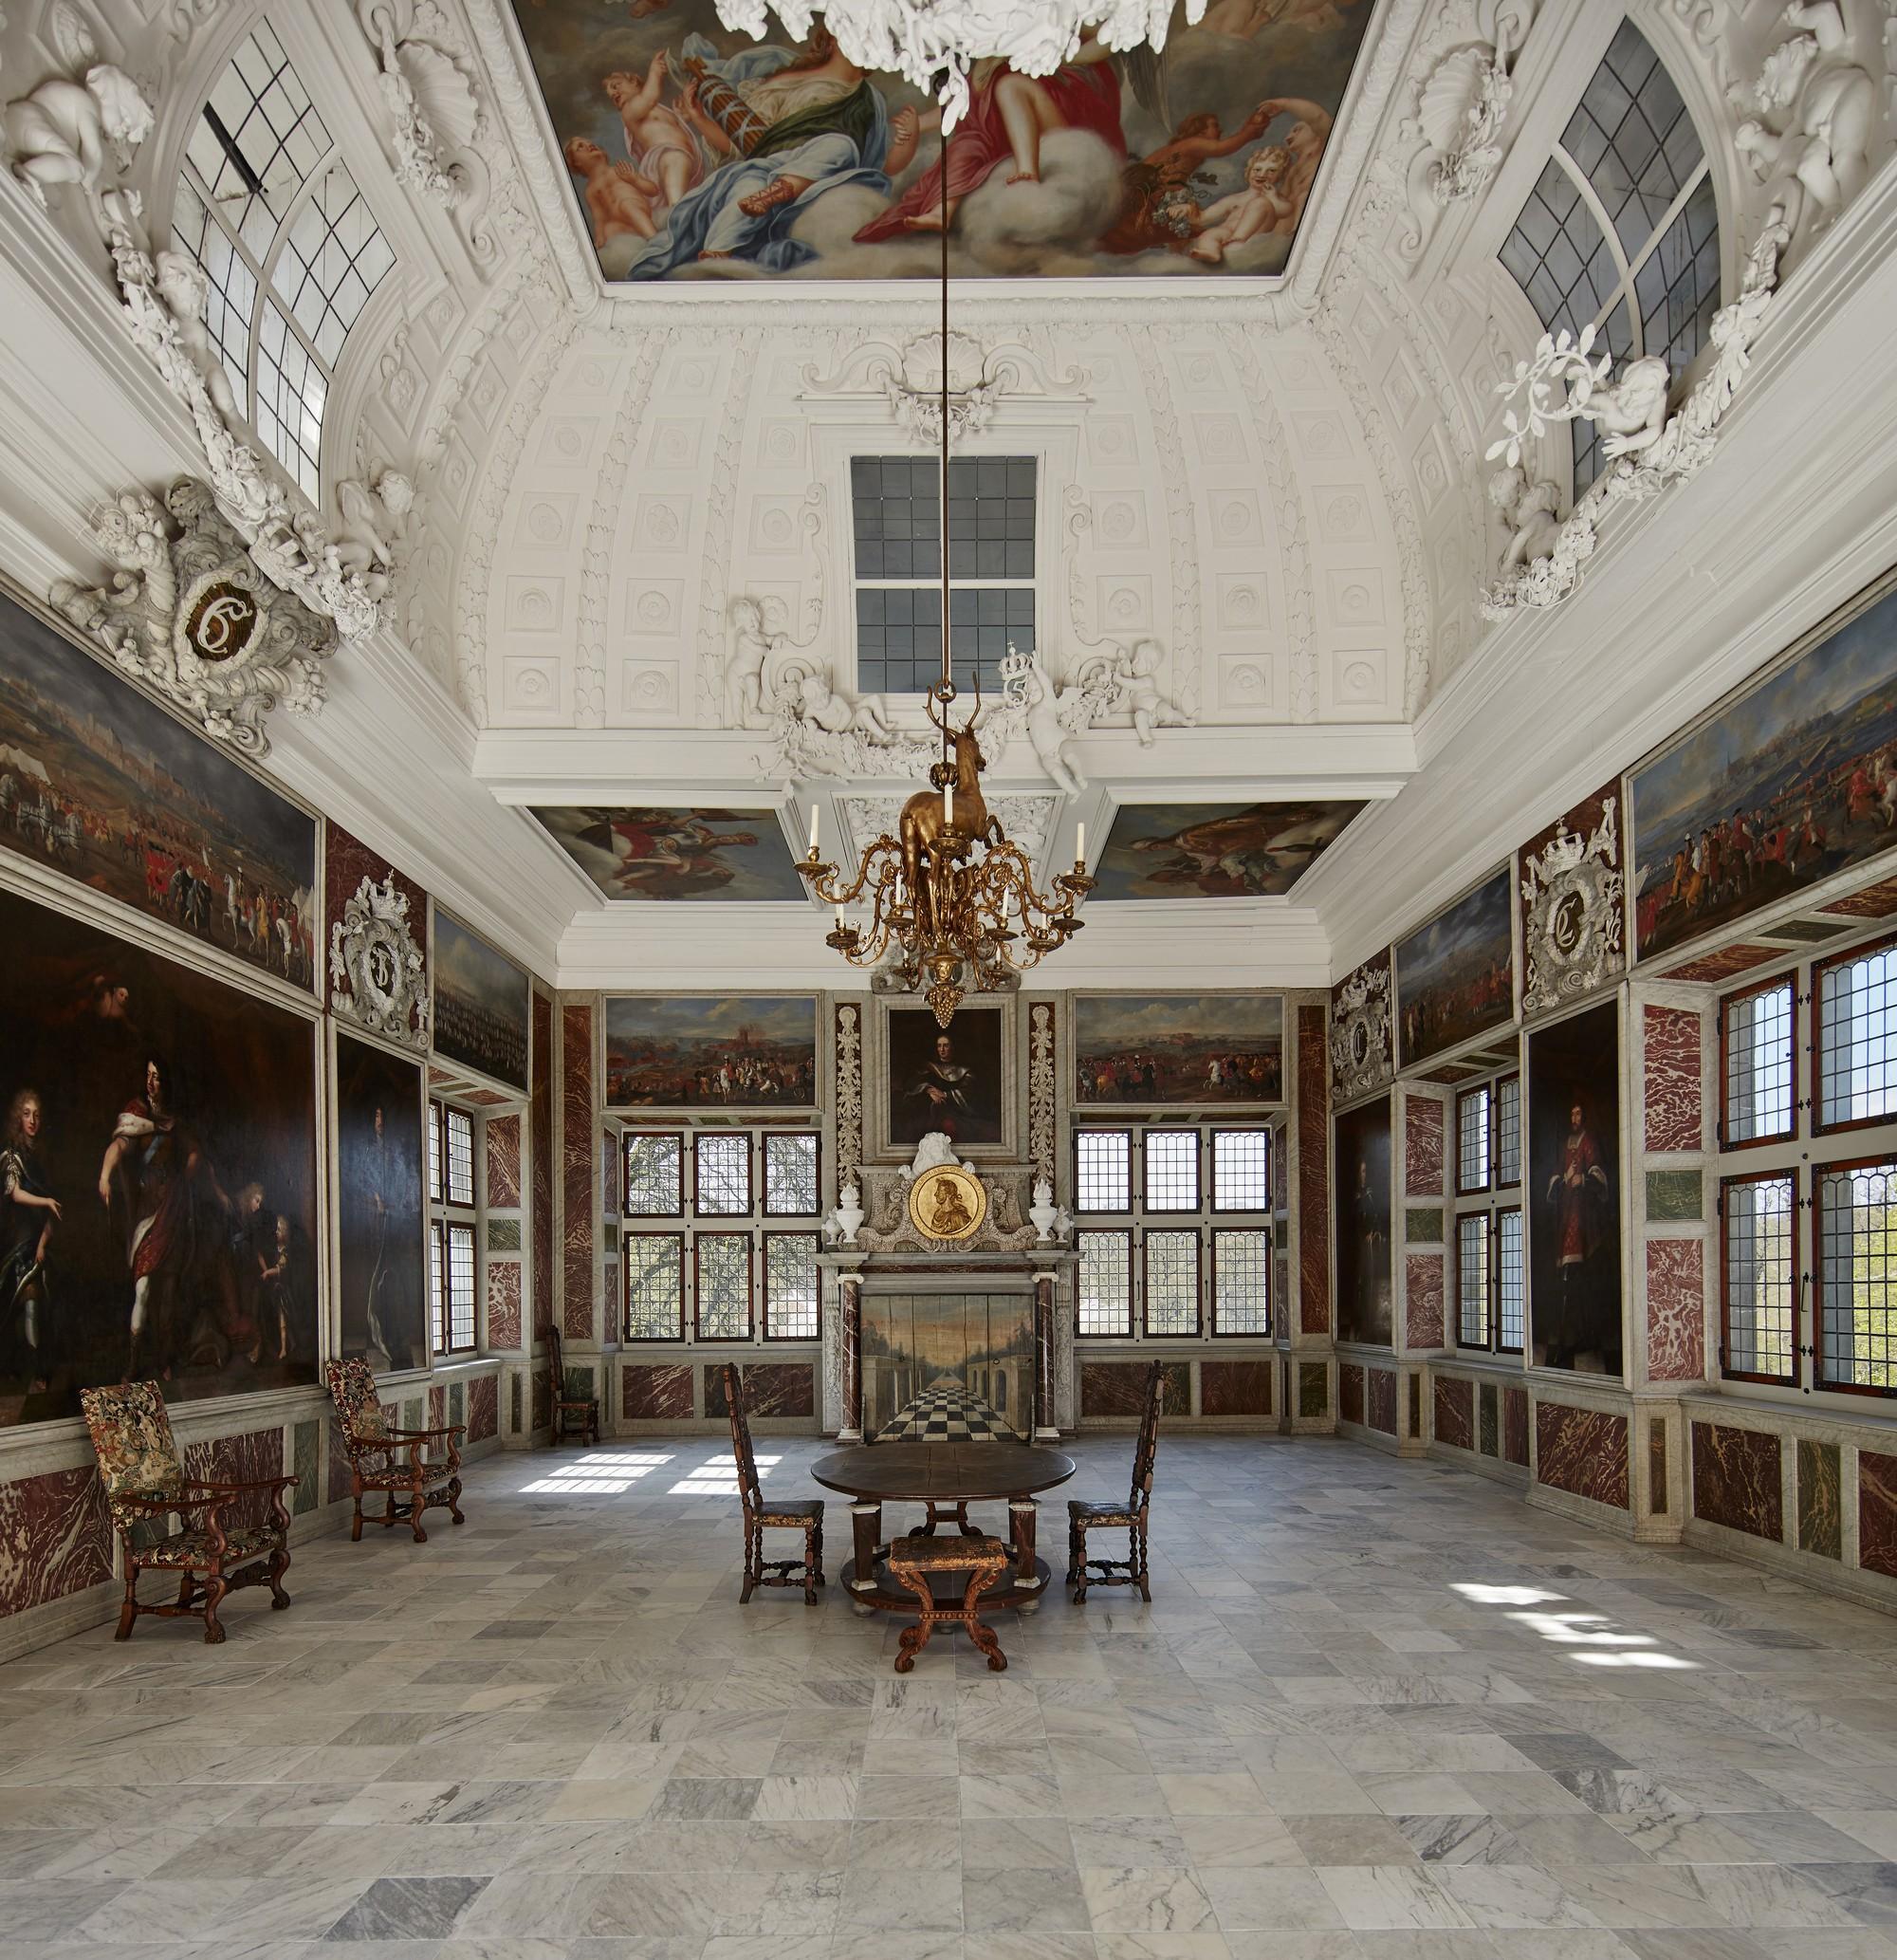 Le château de Frederiksborg était le siège du monarque absolu à la fin du XVIIe siècle. Sur la photo : la salle d'audience. – © Photographie de Kira Ursem / Musée de l'histoire nationale au château de Frederiksborg